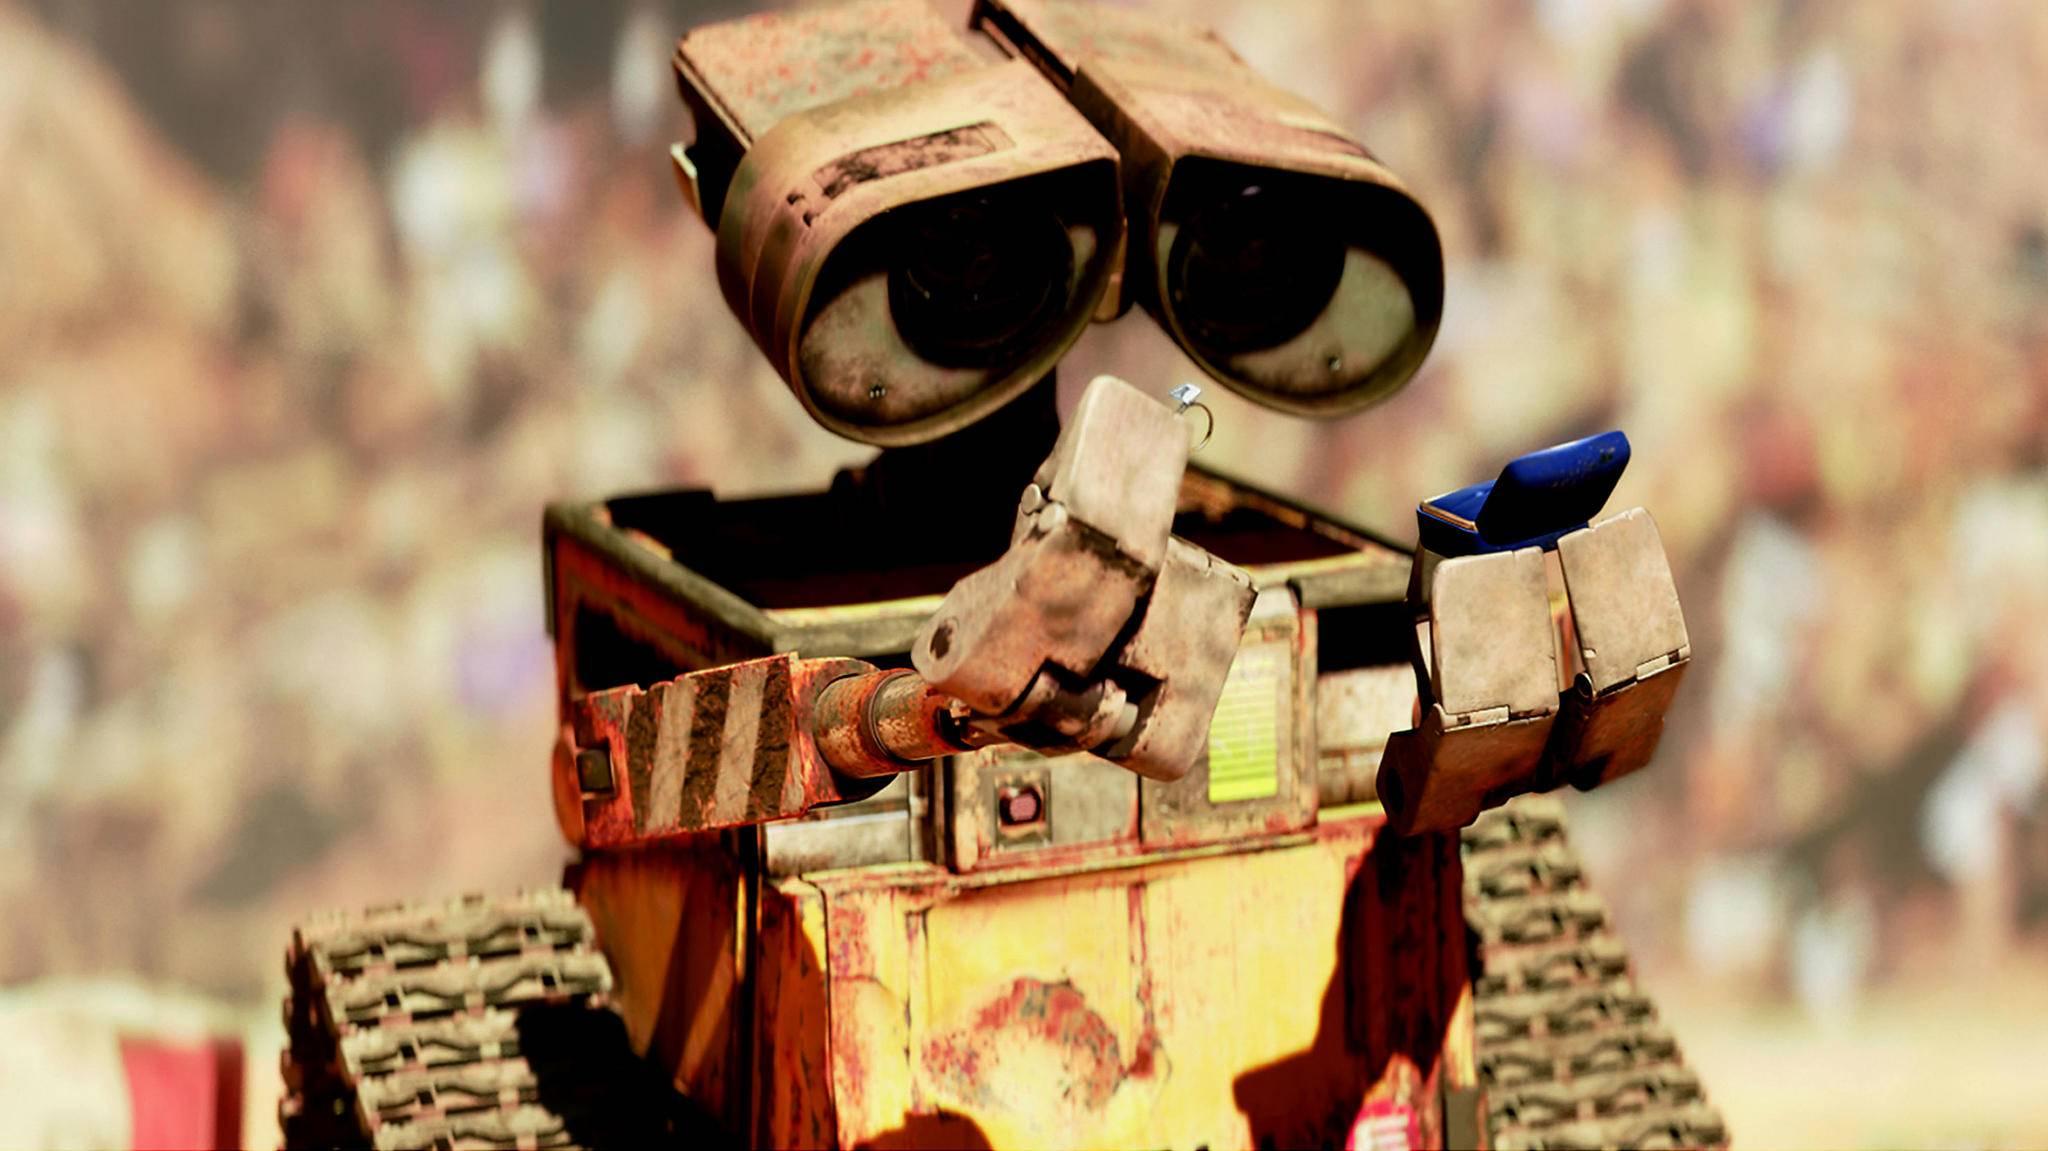 """Die Story von """"WALL-E"""" wäre rückwärts abgespielt um einiges tragischer als das Original."""